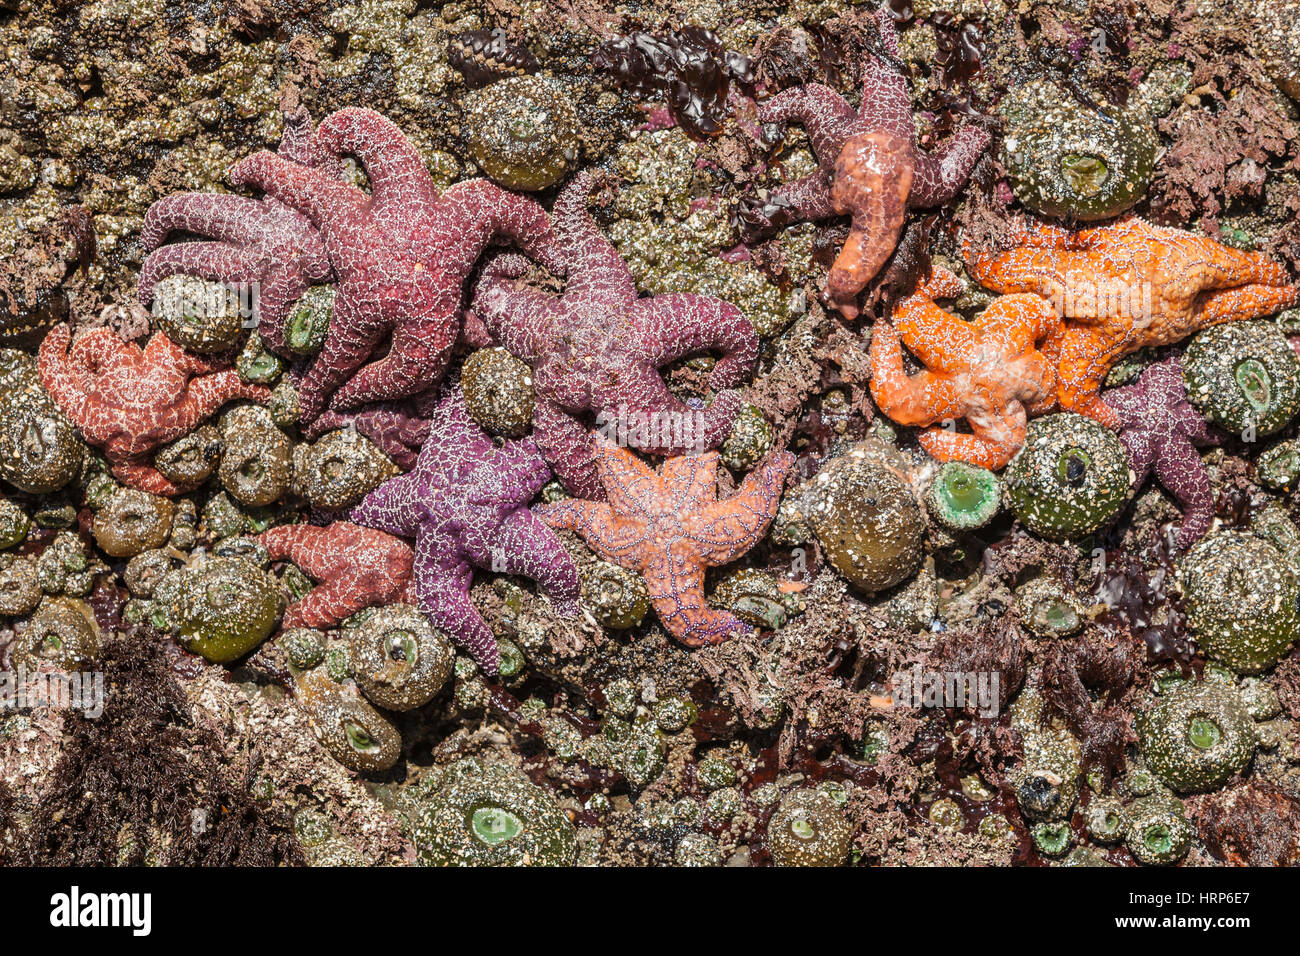 Ein Felsen bedeckt mit Seeanemonen und Seesterne. Einige der die Seesterne haben Seestern Krankheit, 2013 2. Strand Stockbild